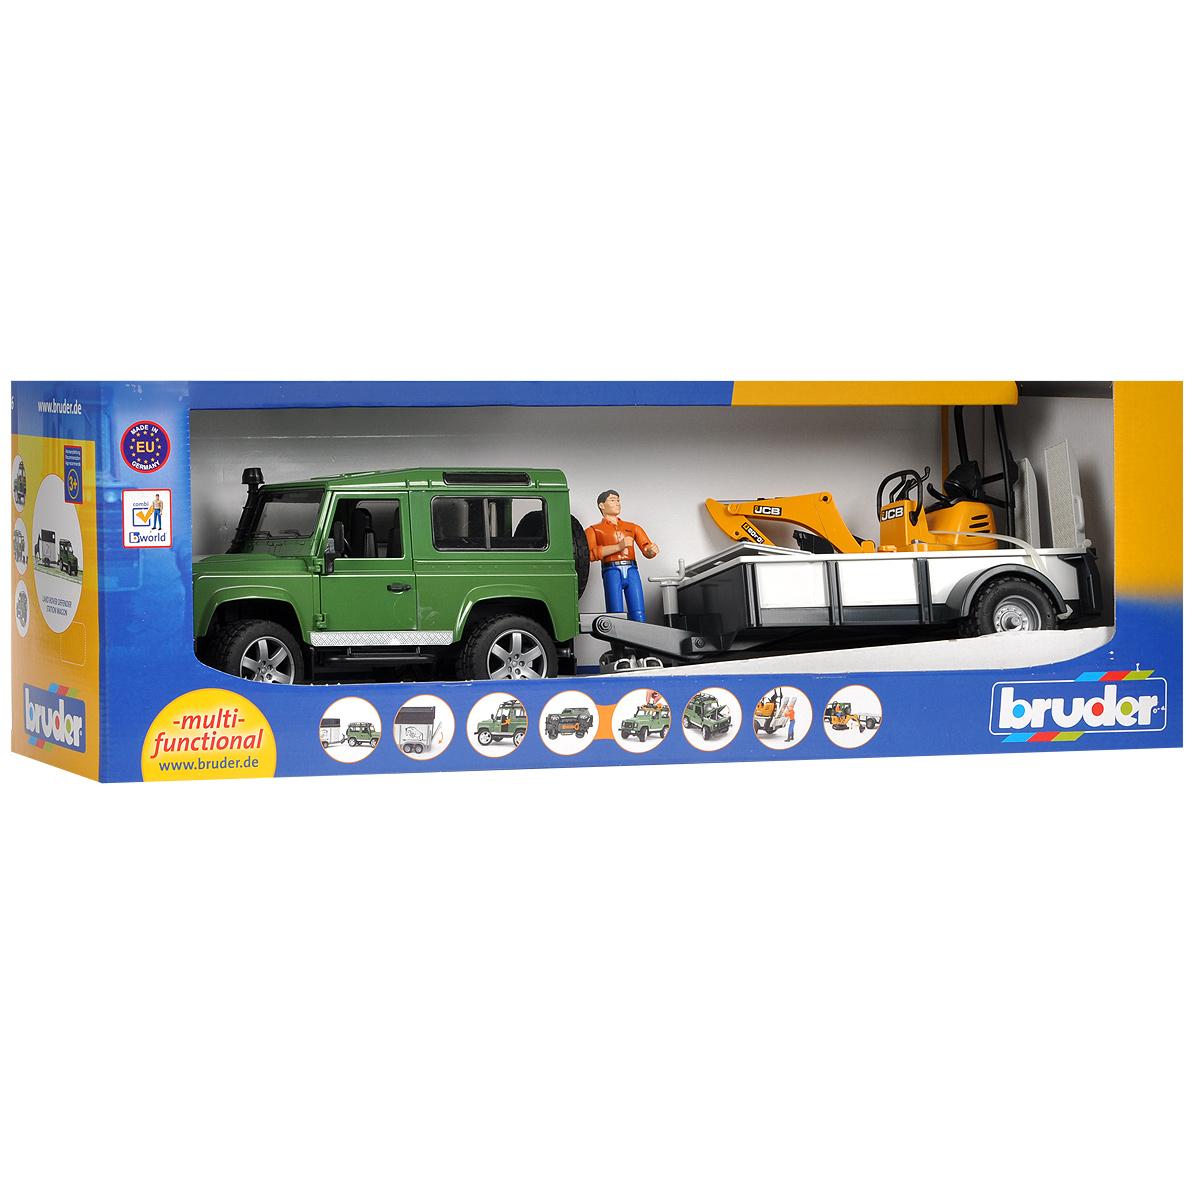 Bruder ����������� Land Rover Defender c �������� � ����-������������